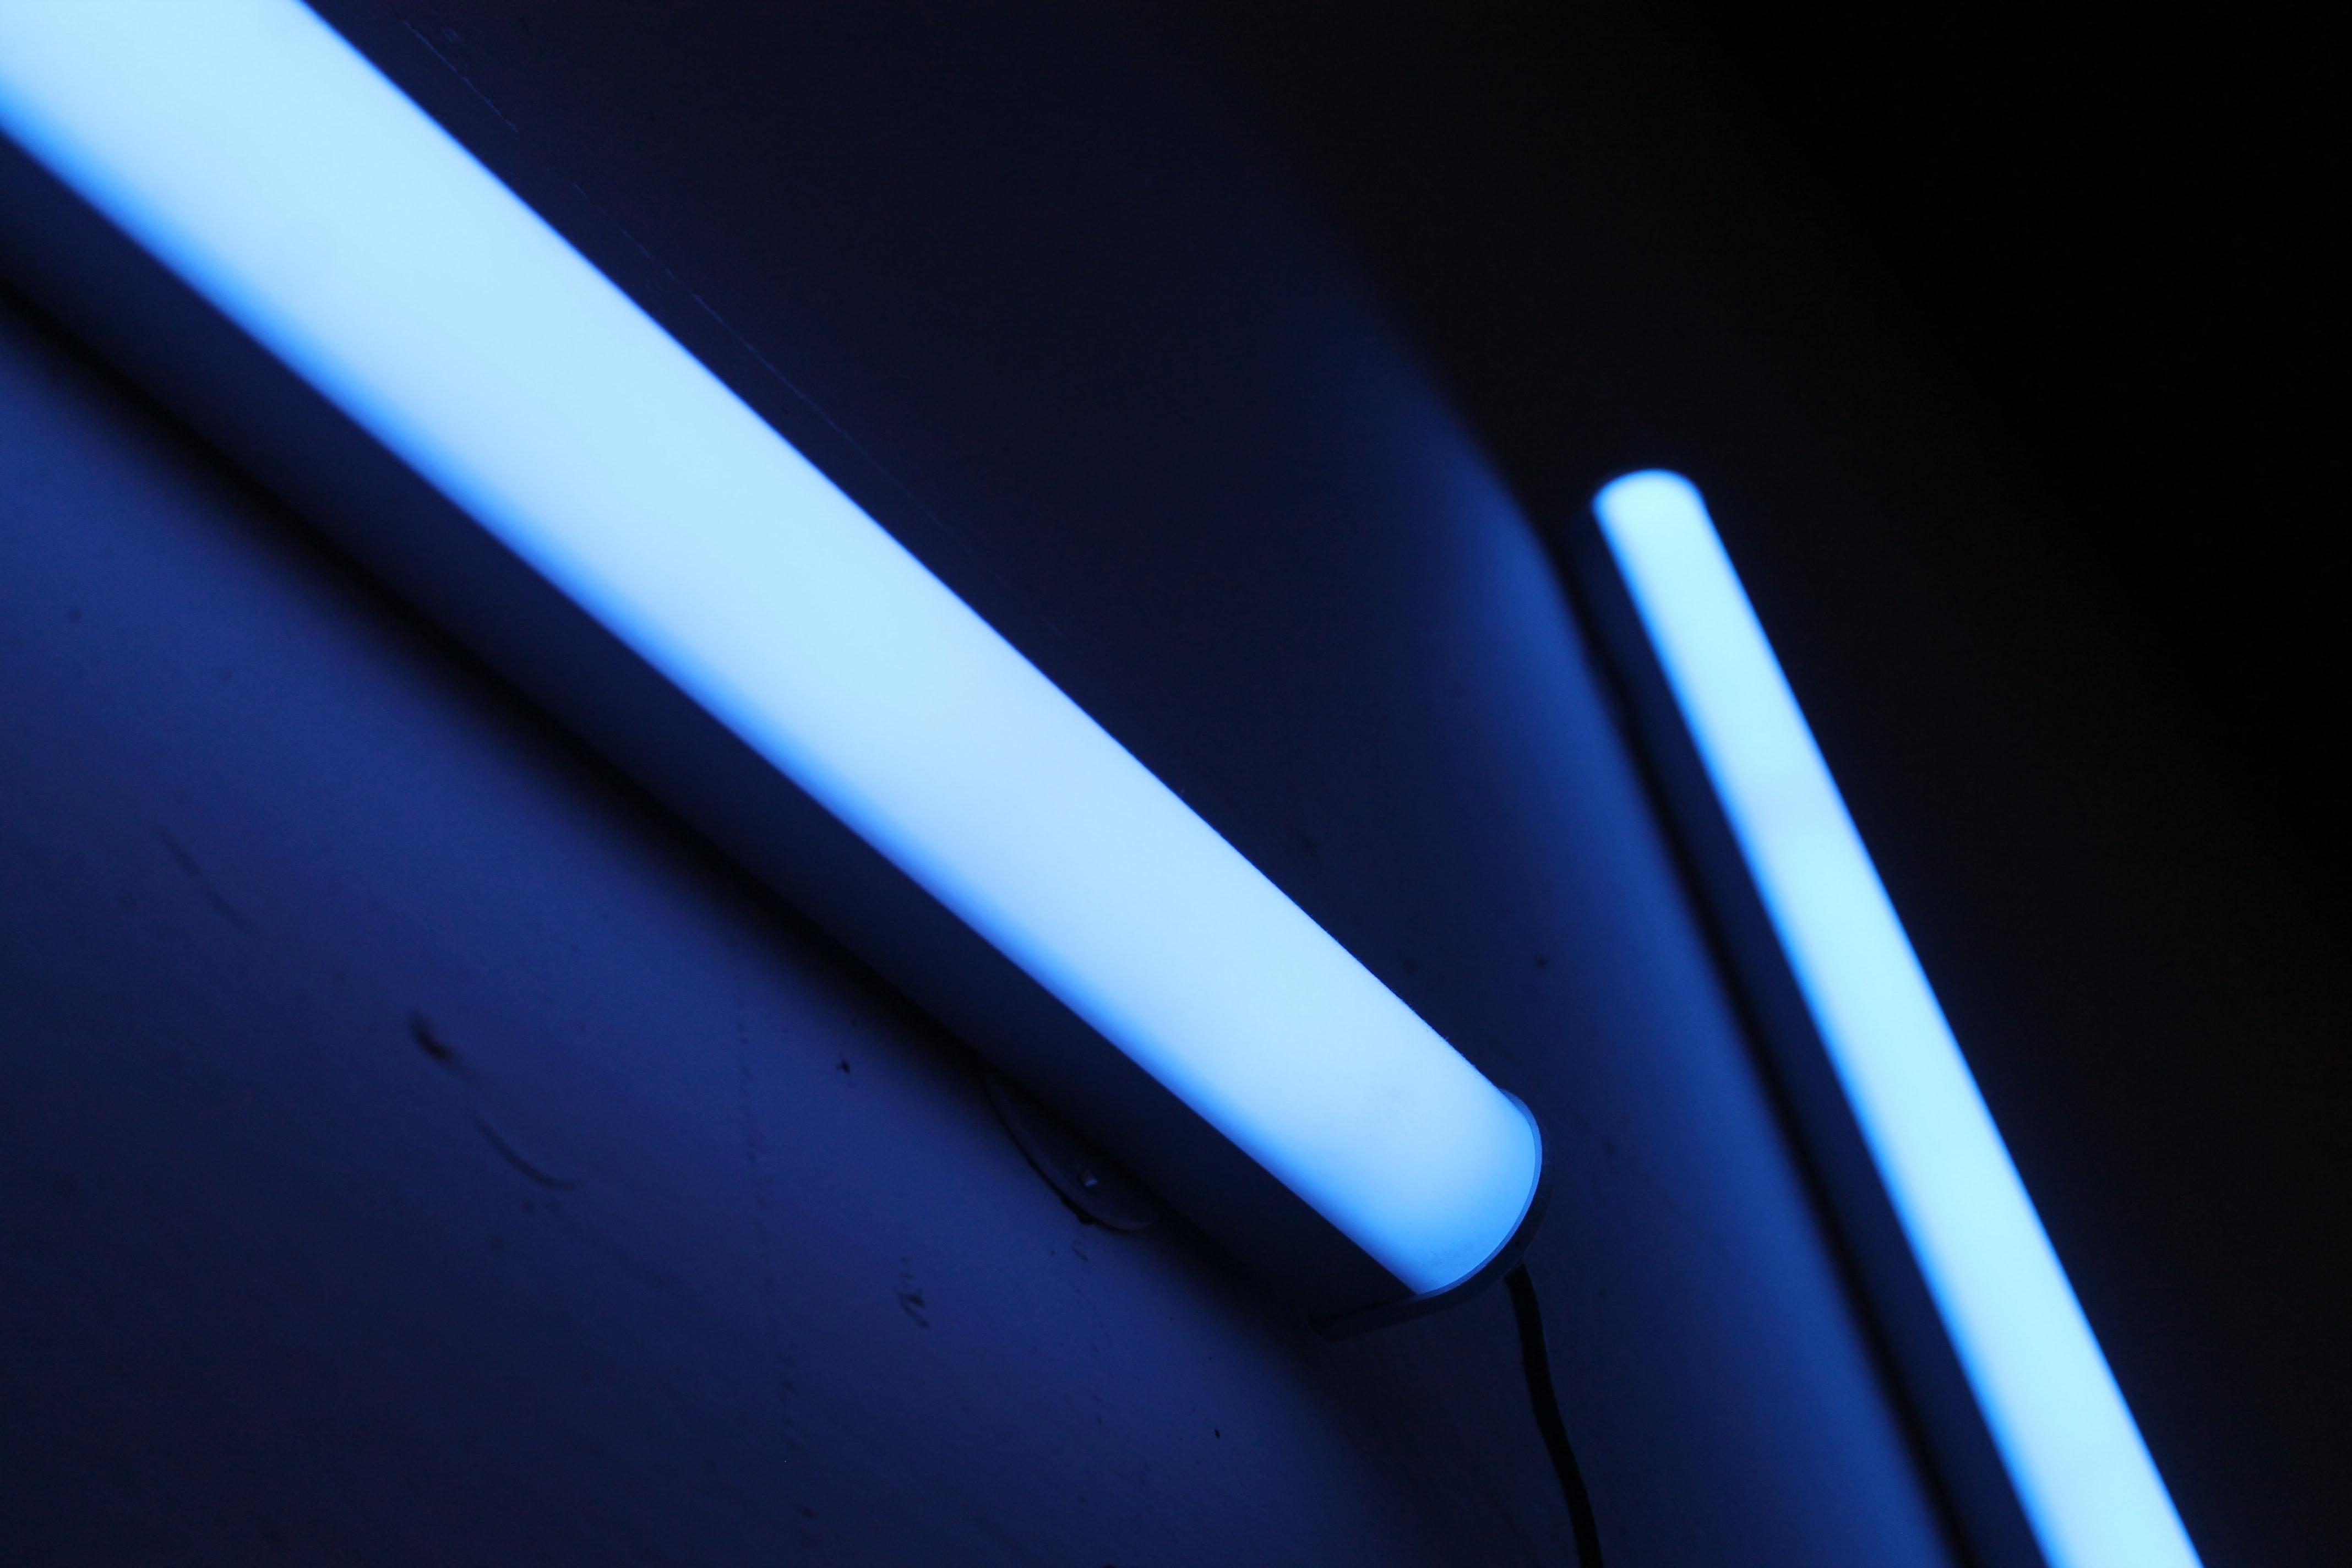 UV sticks